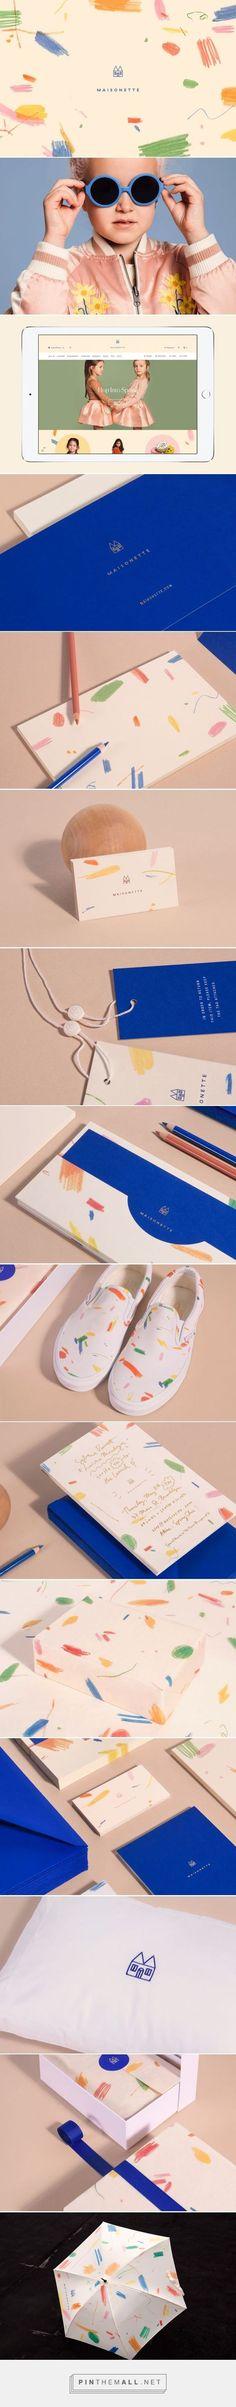 Maisonette Children's E-tailer Branding by Lotta Nieminen | Fivestar Branding Agency – Design and Branding Agency & Curated Inspiration Gallery #branding #brand #design #designinspiration